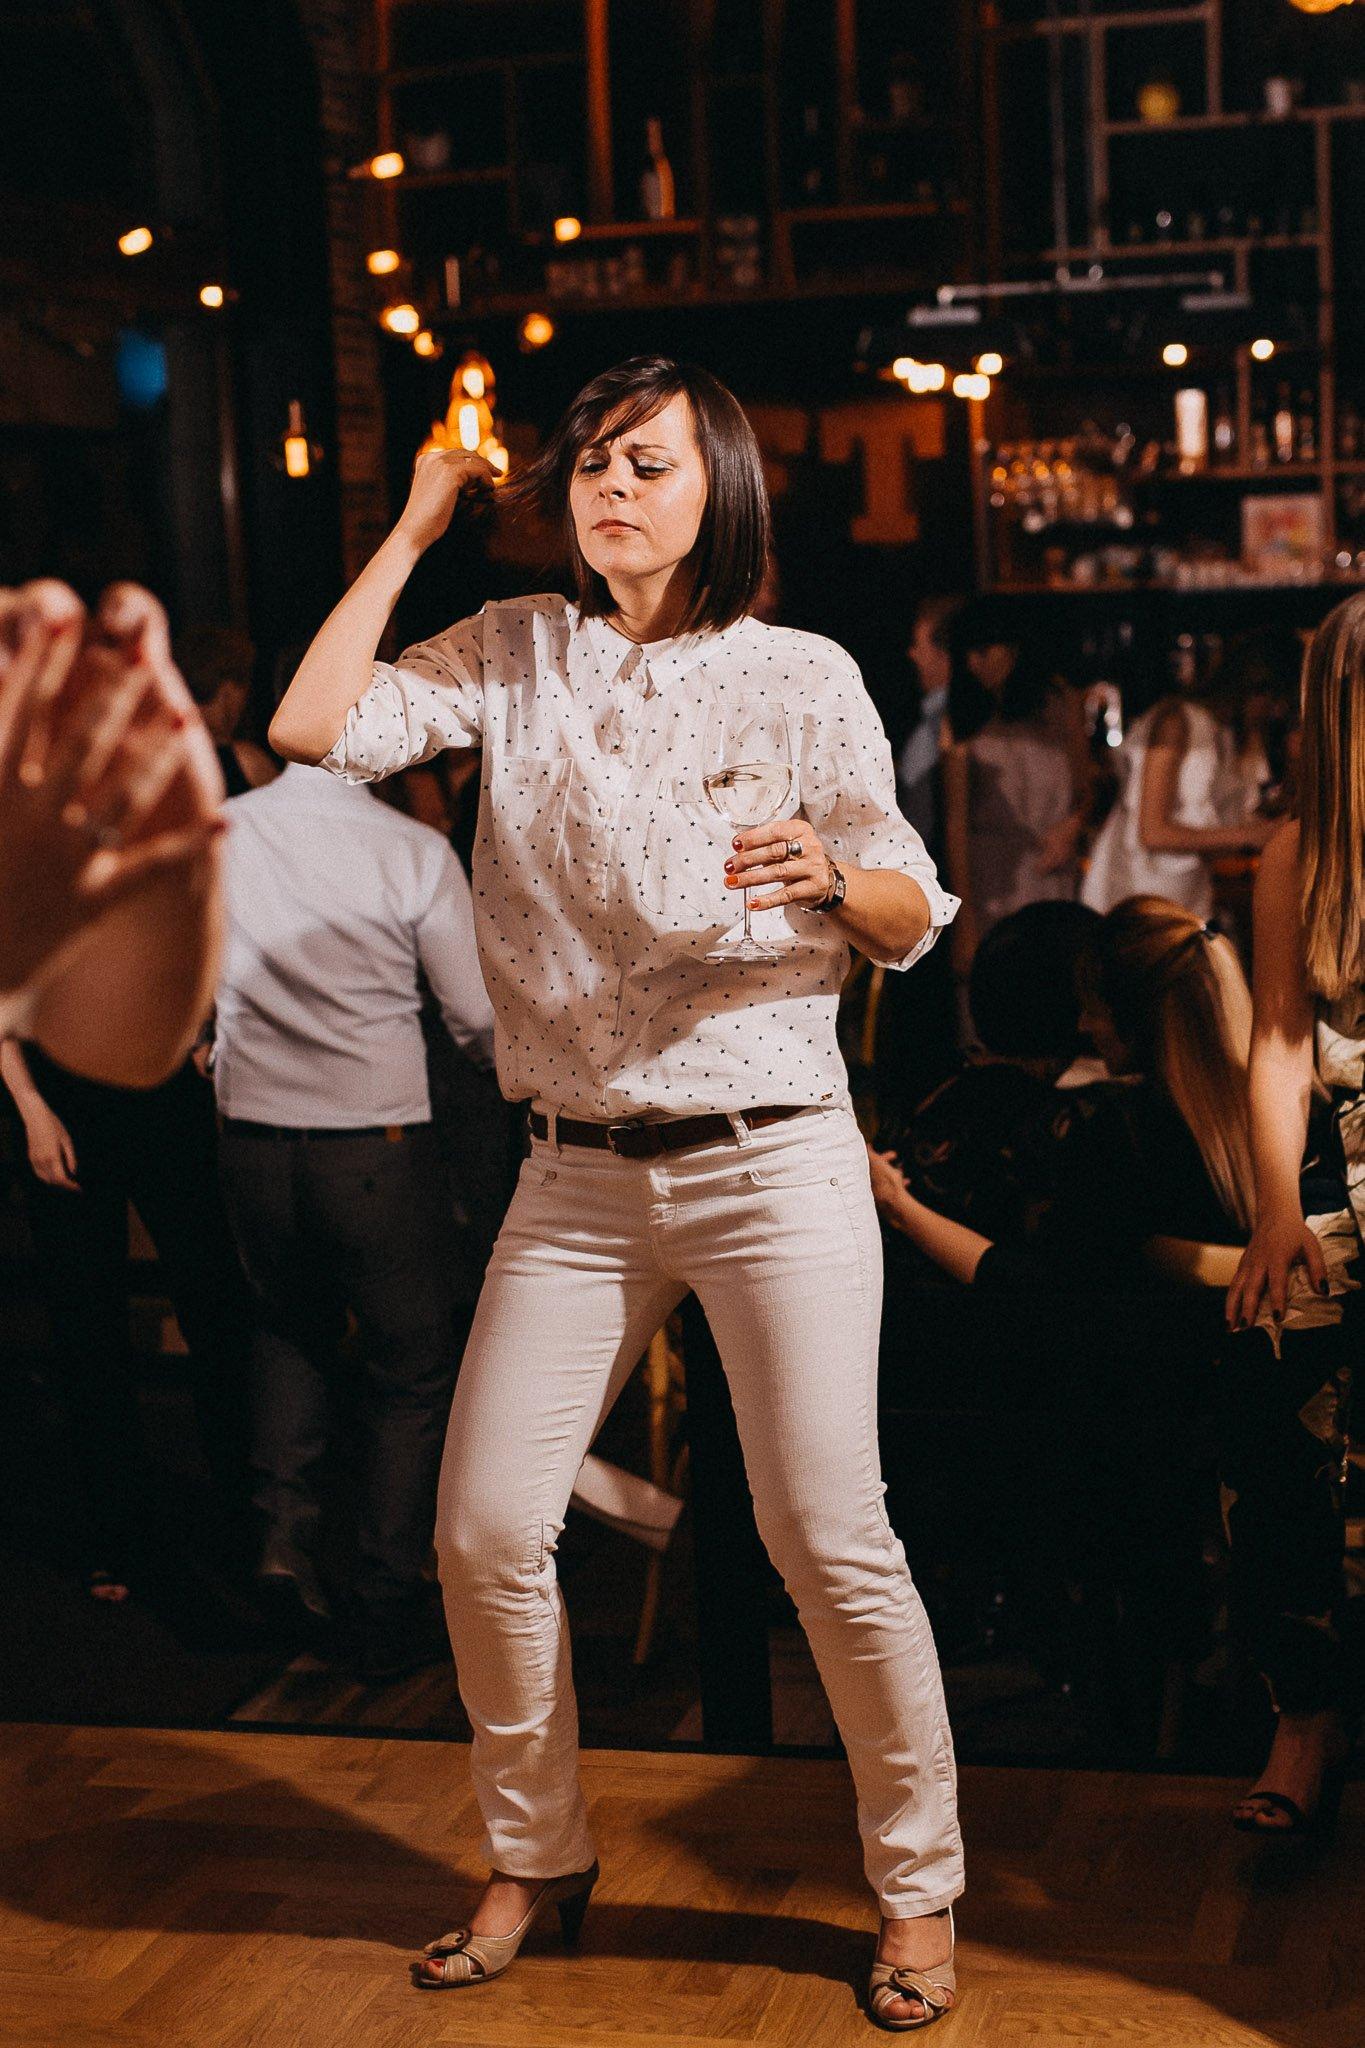 First dance in Loft Lounge and Bar Novi Sad